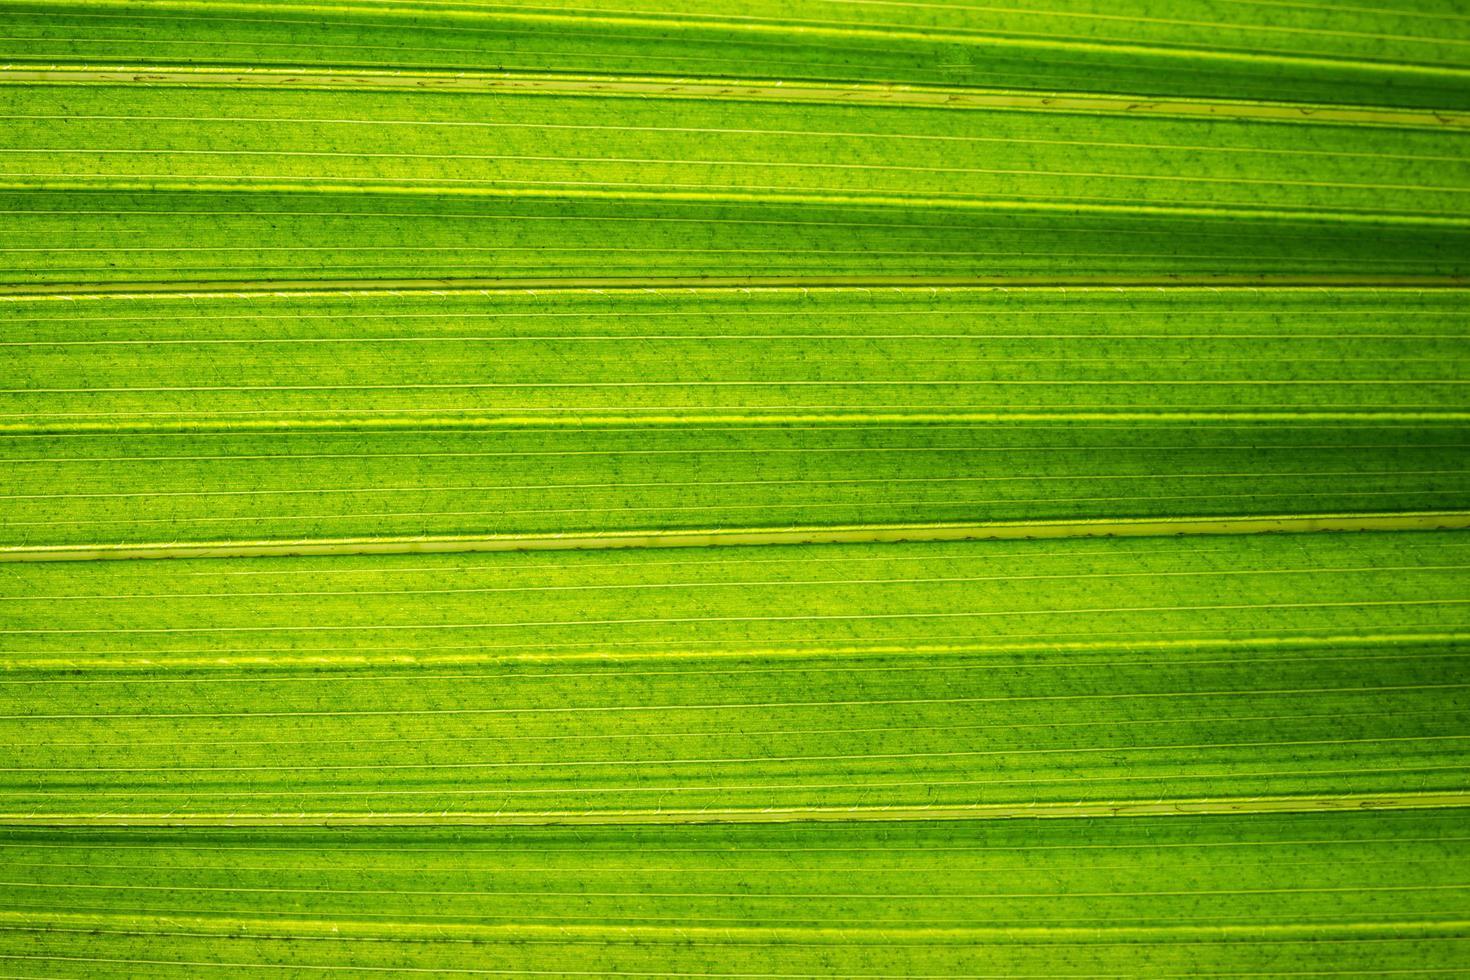 grünes Blattmuster foto